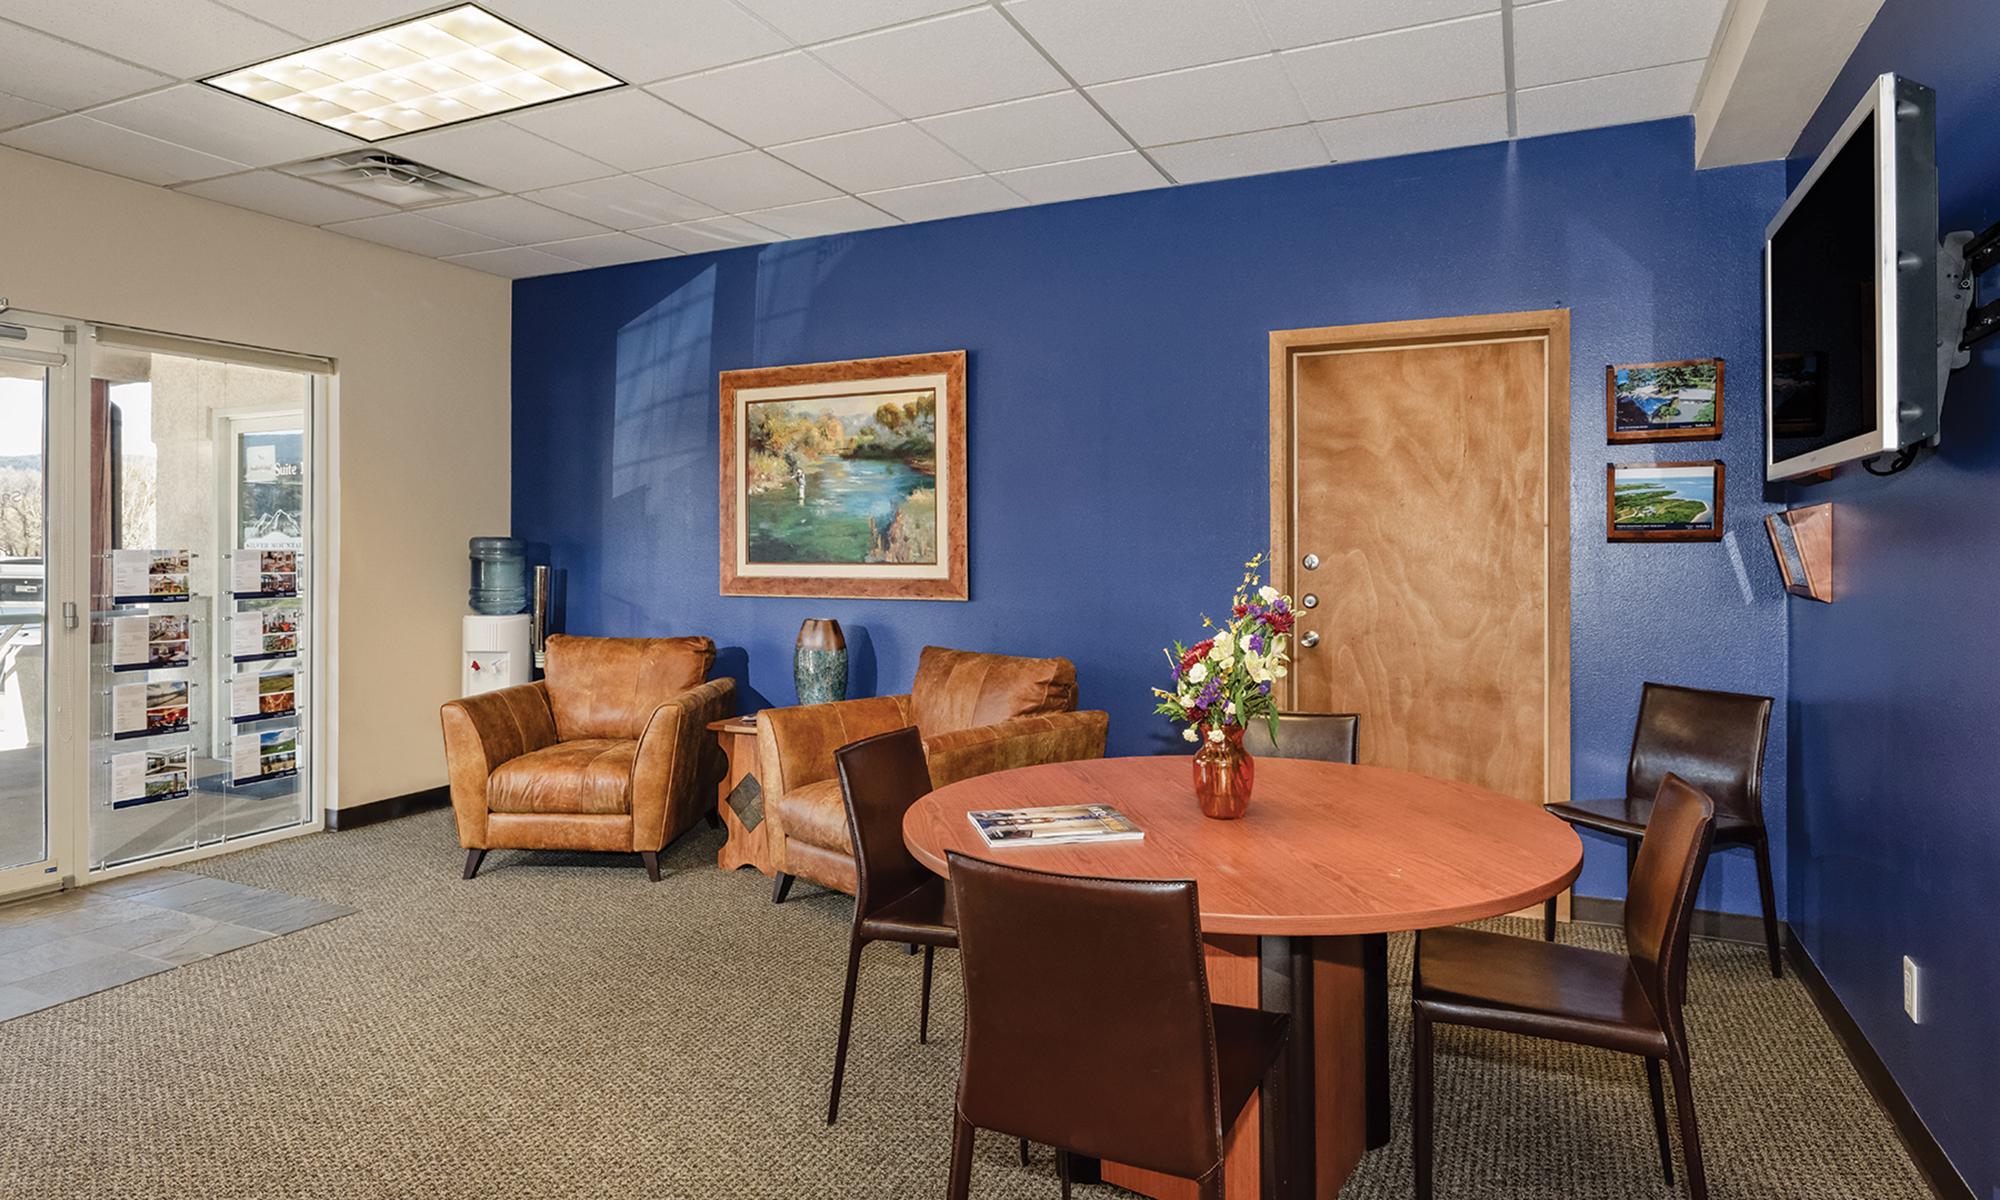 Office 180-b-4635-4001244 Photo